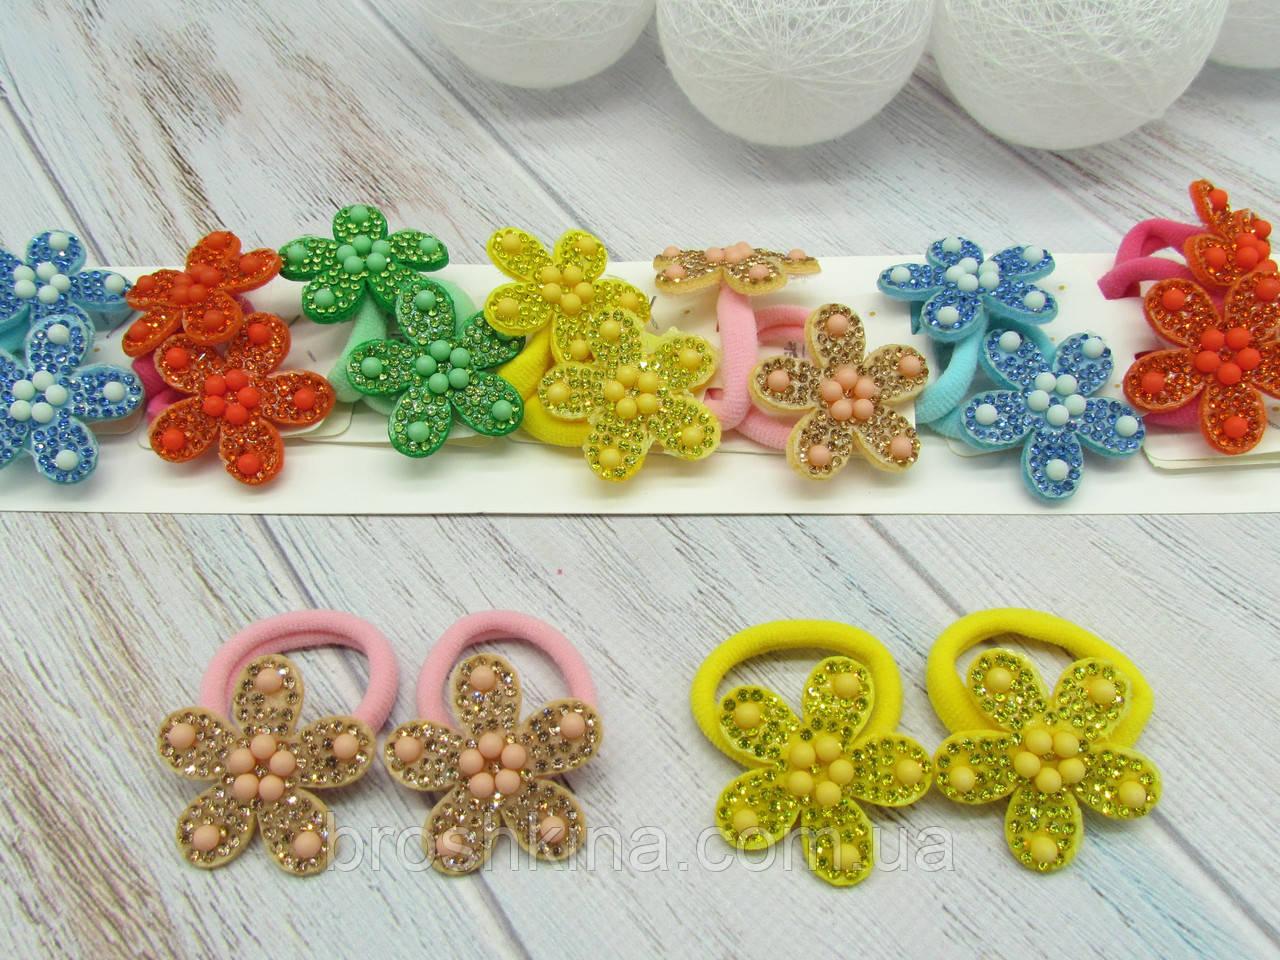 Детские резиночки для волос 10 пар/уп. Цветочки